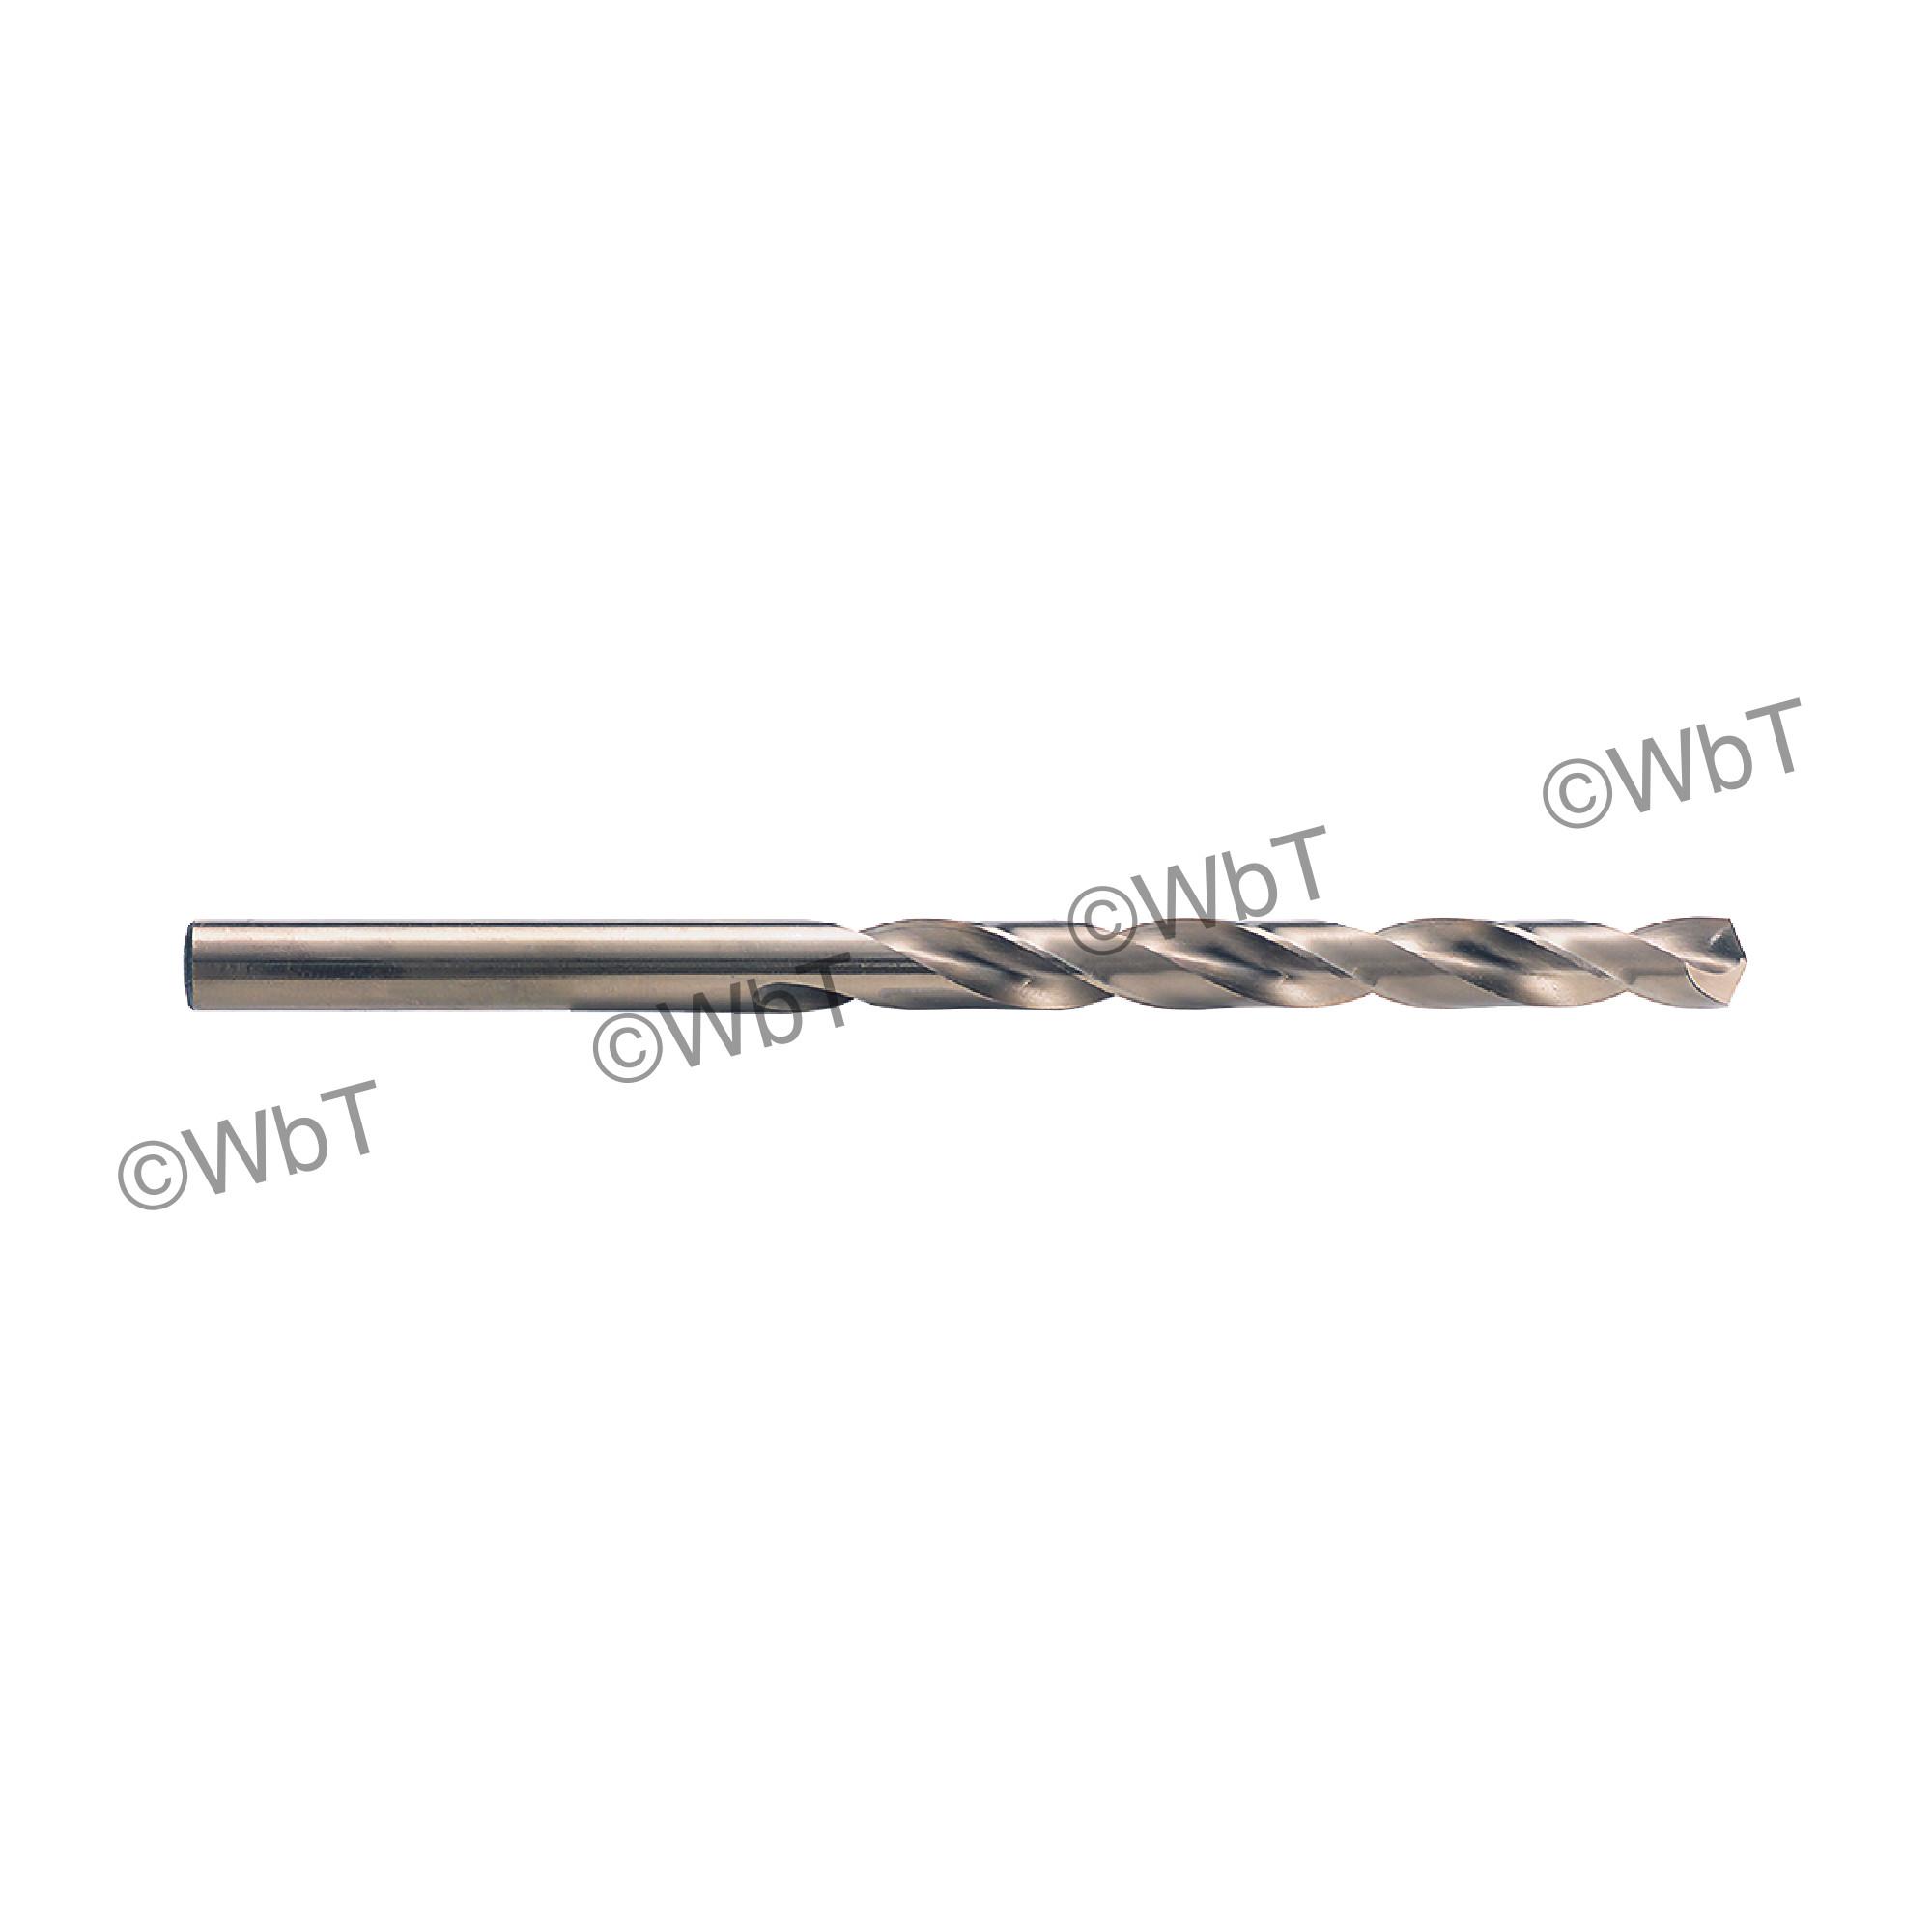 Cobalt Taper Length (Long) Drills